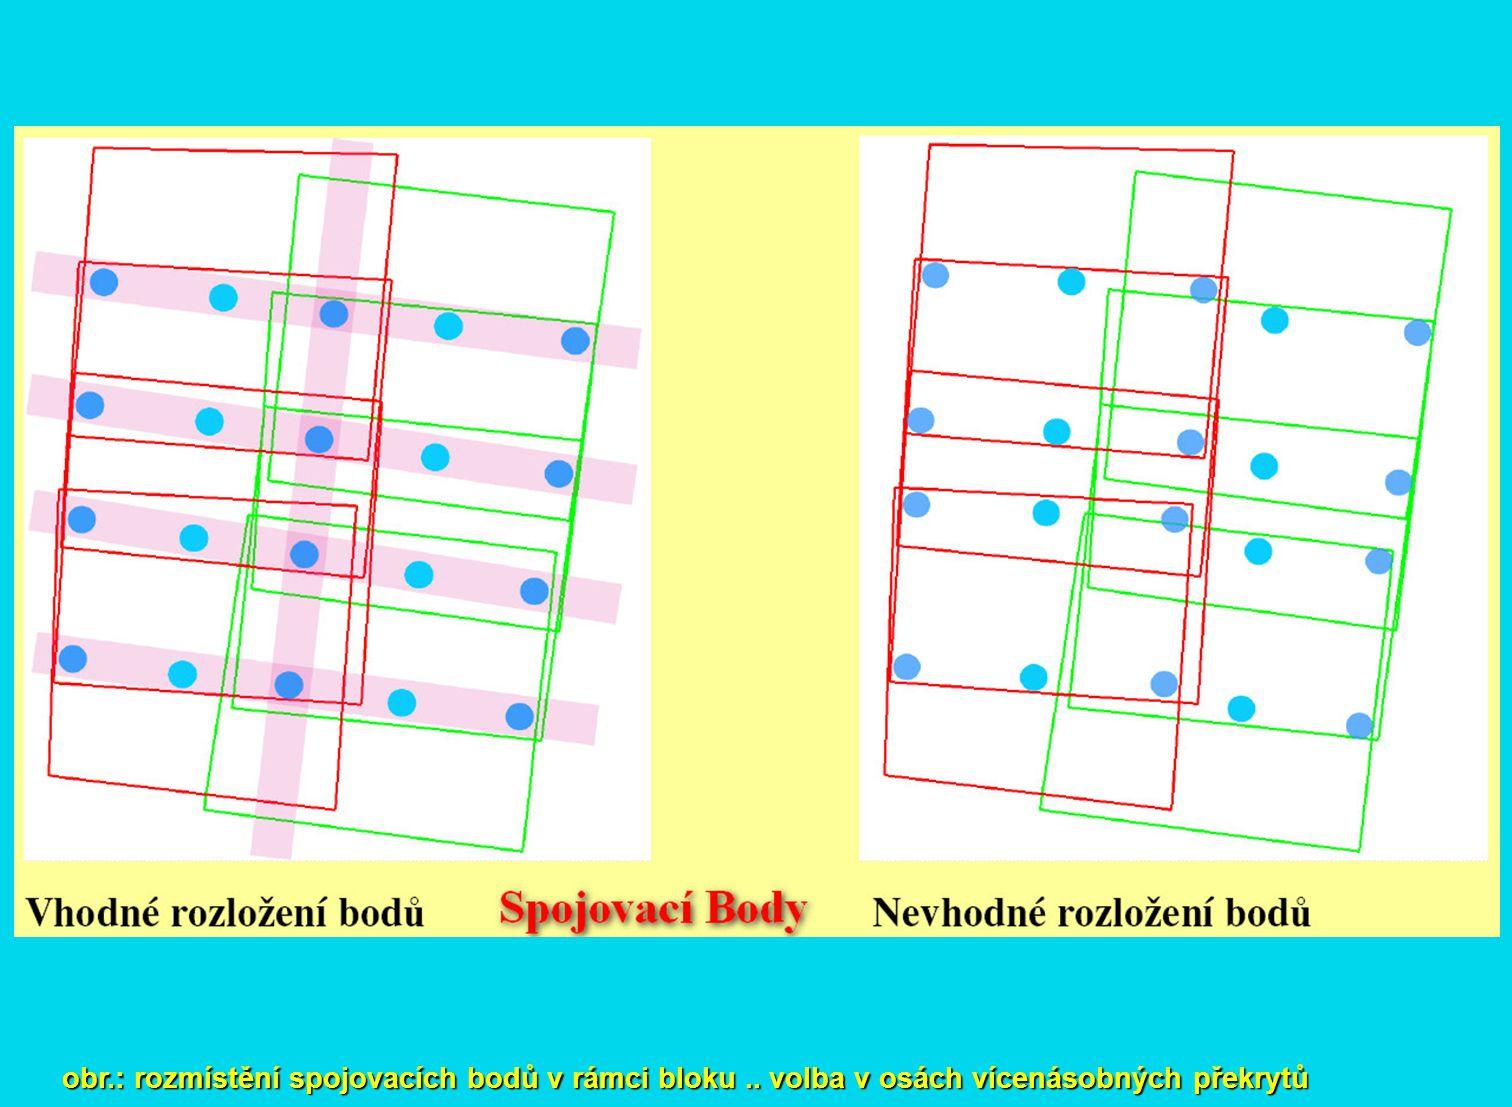 obr.: rozmístění spojovacích bodů v rámci bloku.. volba v osách vícenásobných překrytů